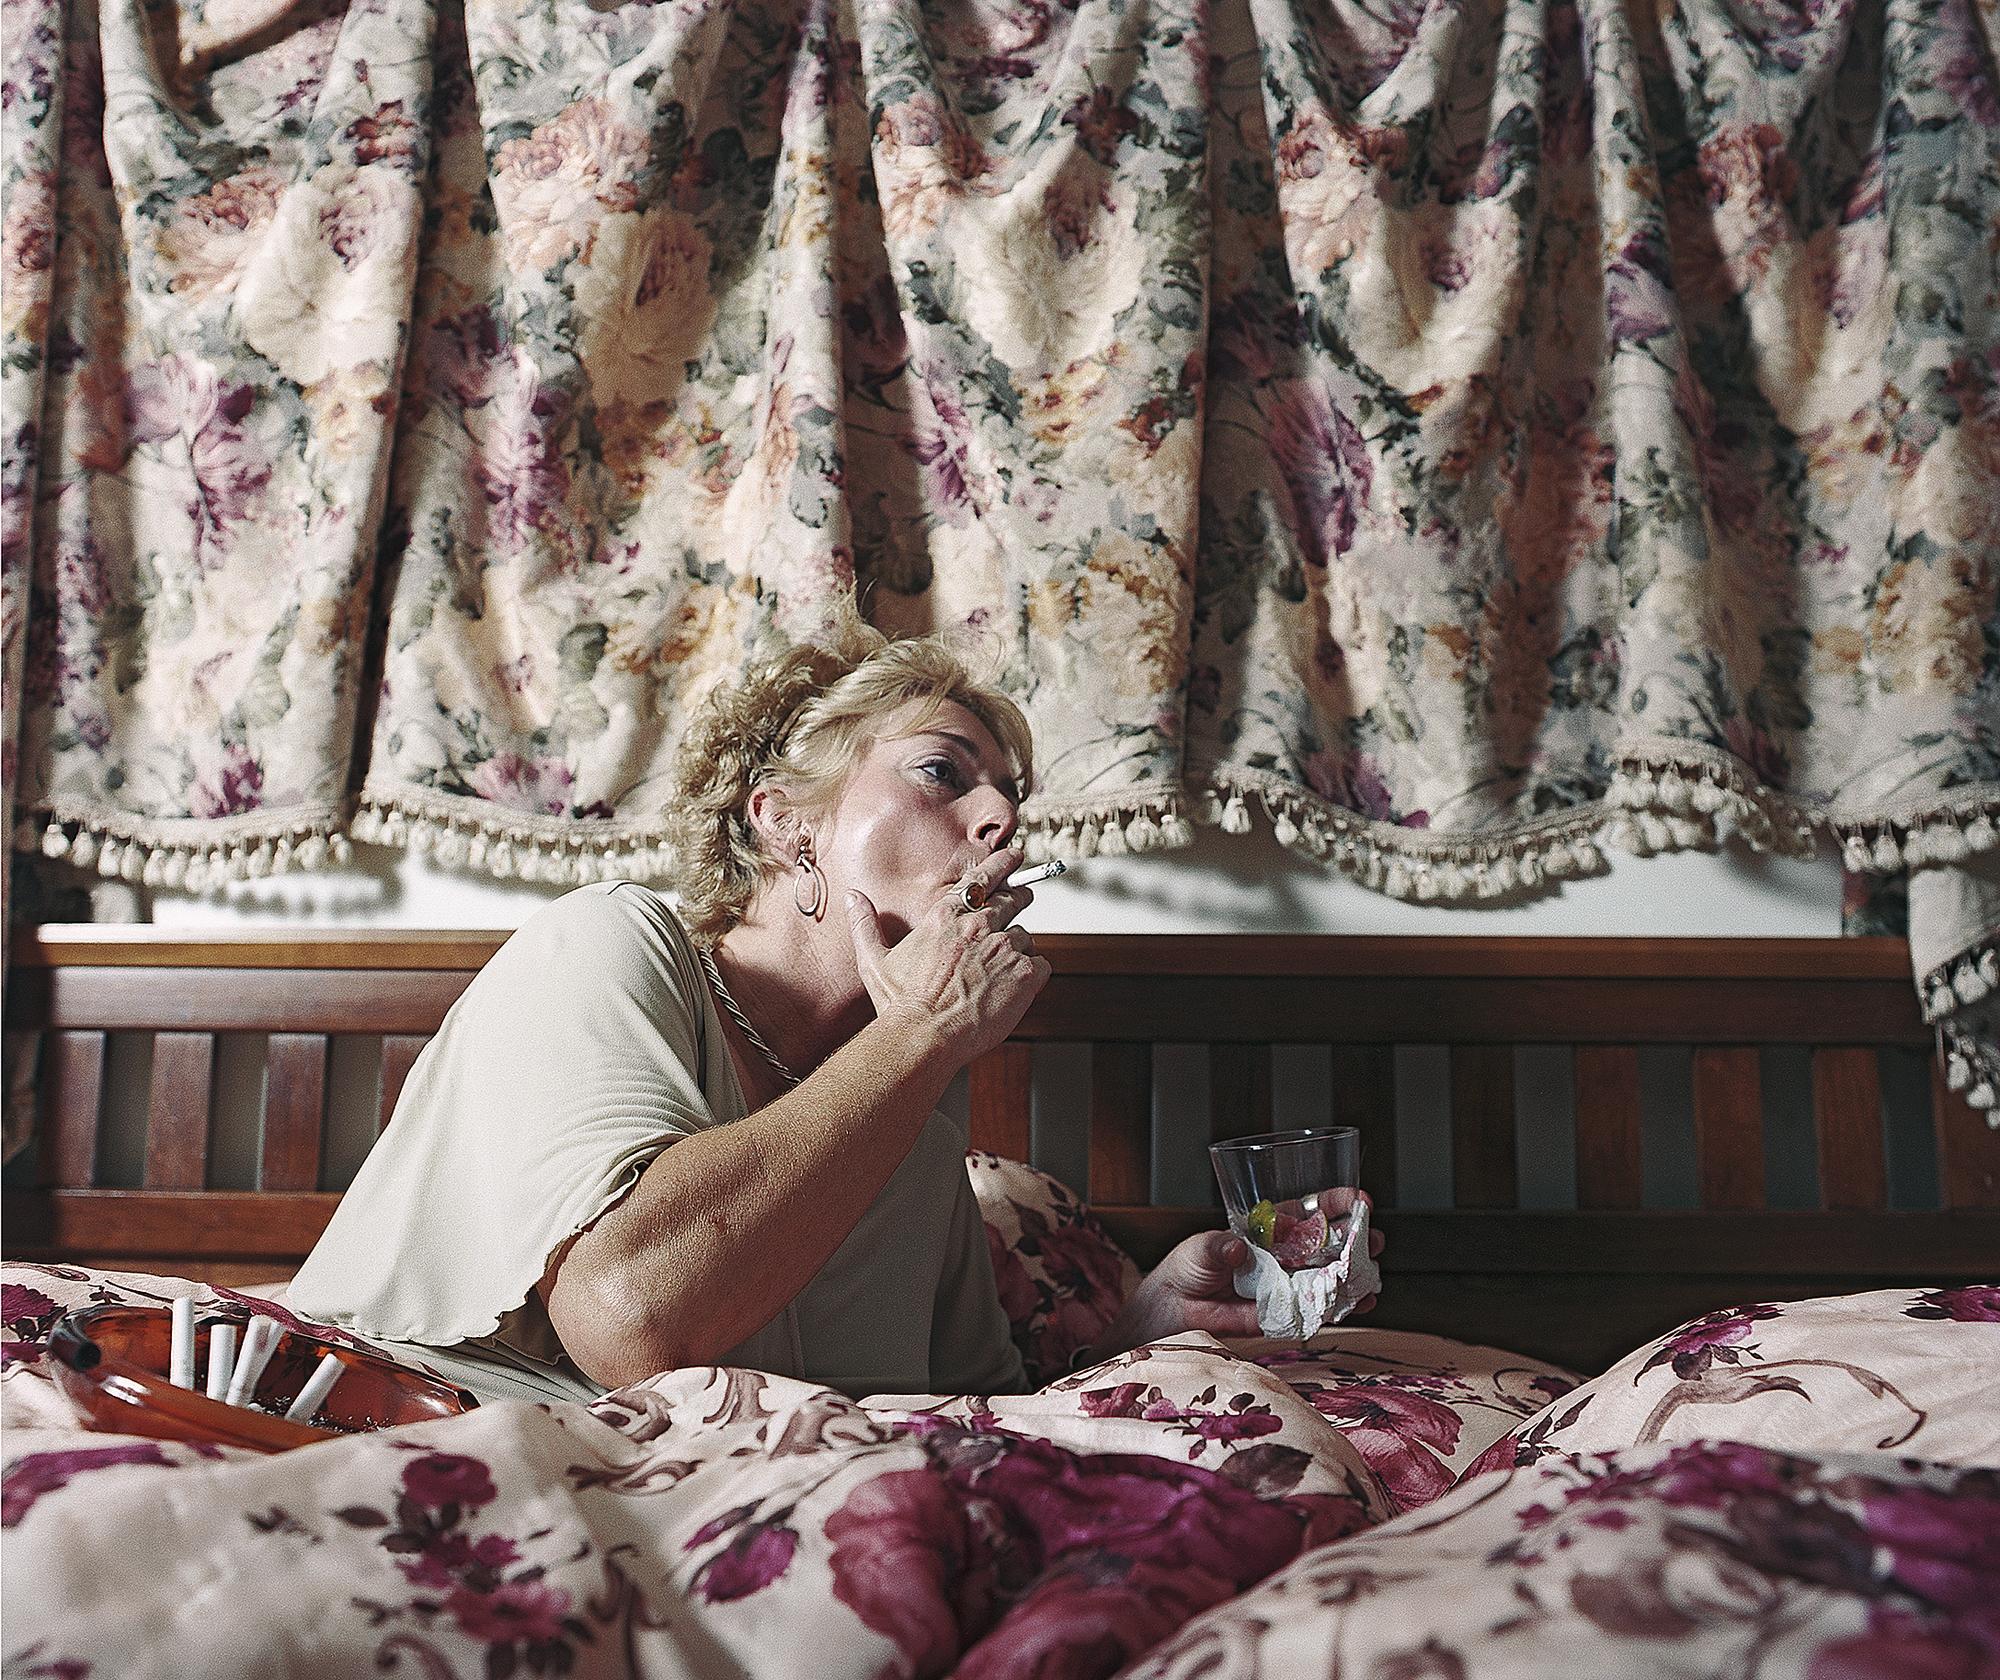 Tina in her Bedroom, 2007